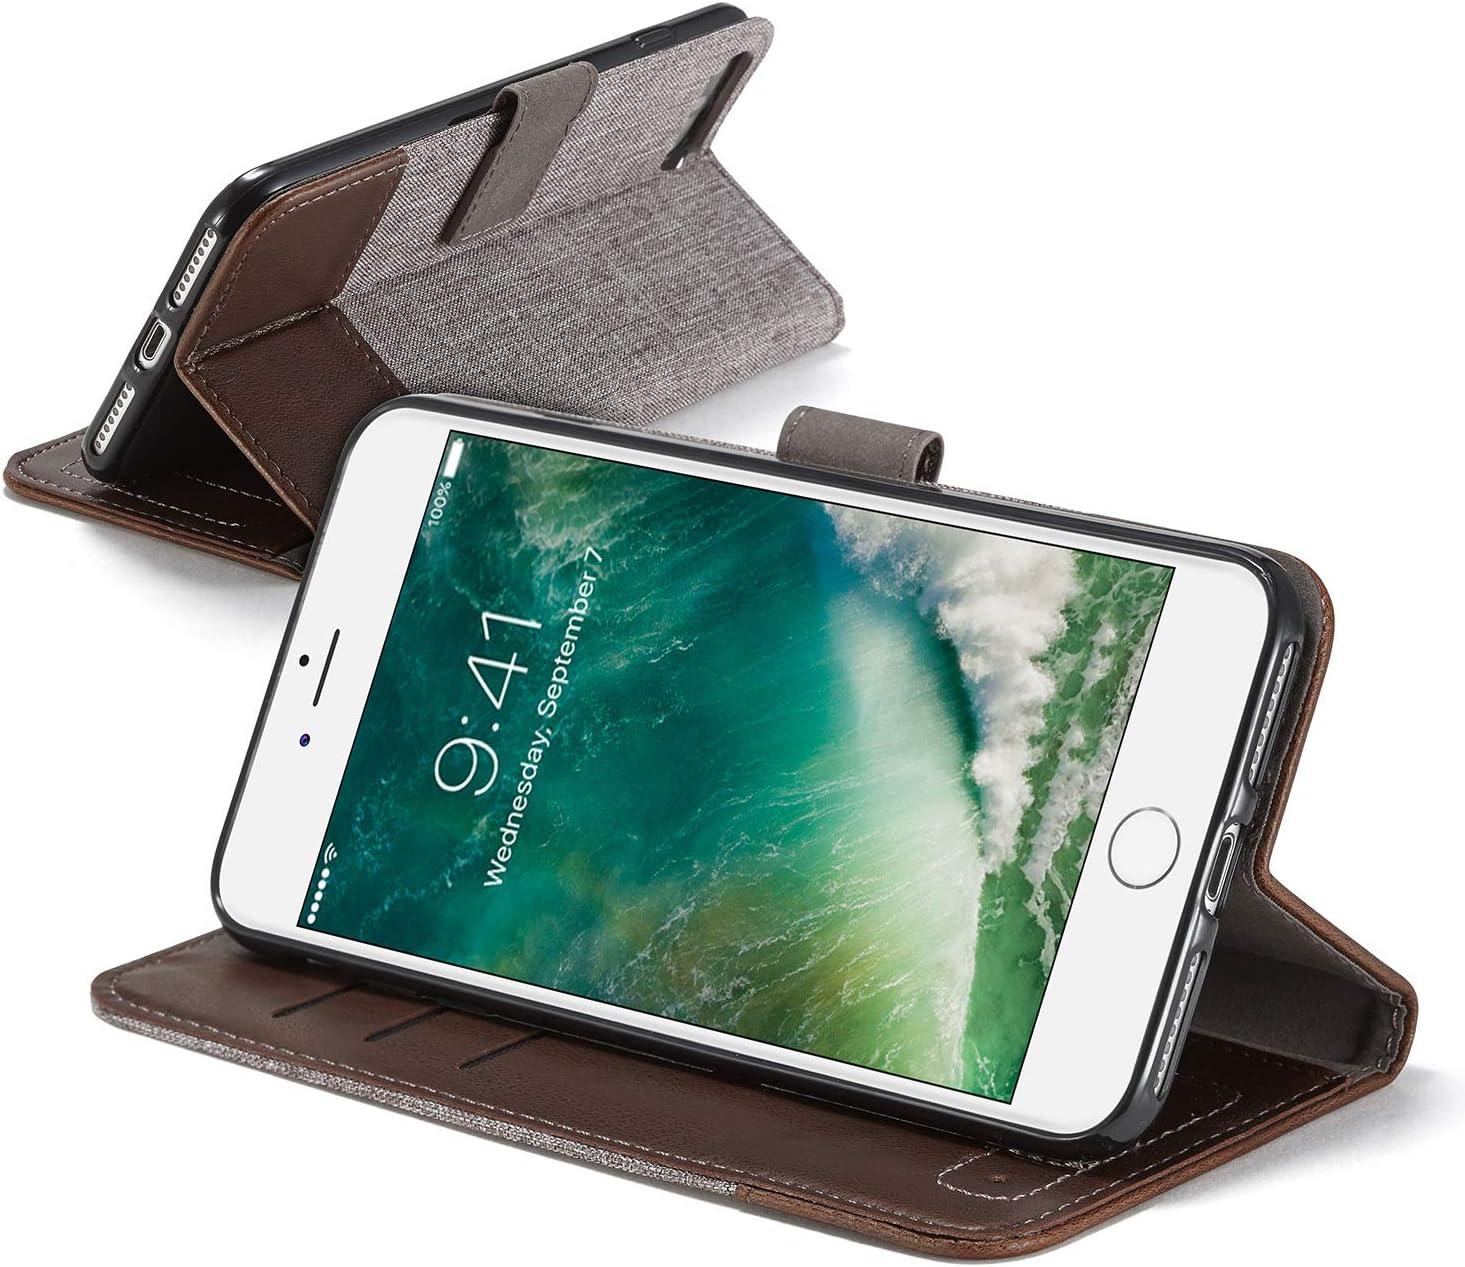 Sweau Compatible avec Galaxy A3 2017 Coque,Etui Galaxy A3 2017 Housse en Cuir de Protection Retro Denim PU Cuir Magn/étique Flip Case Prot/éger pour Galaxy A3 2017 Housse Etui Cuir Portefeuille Case